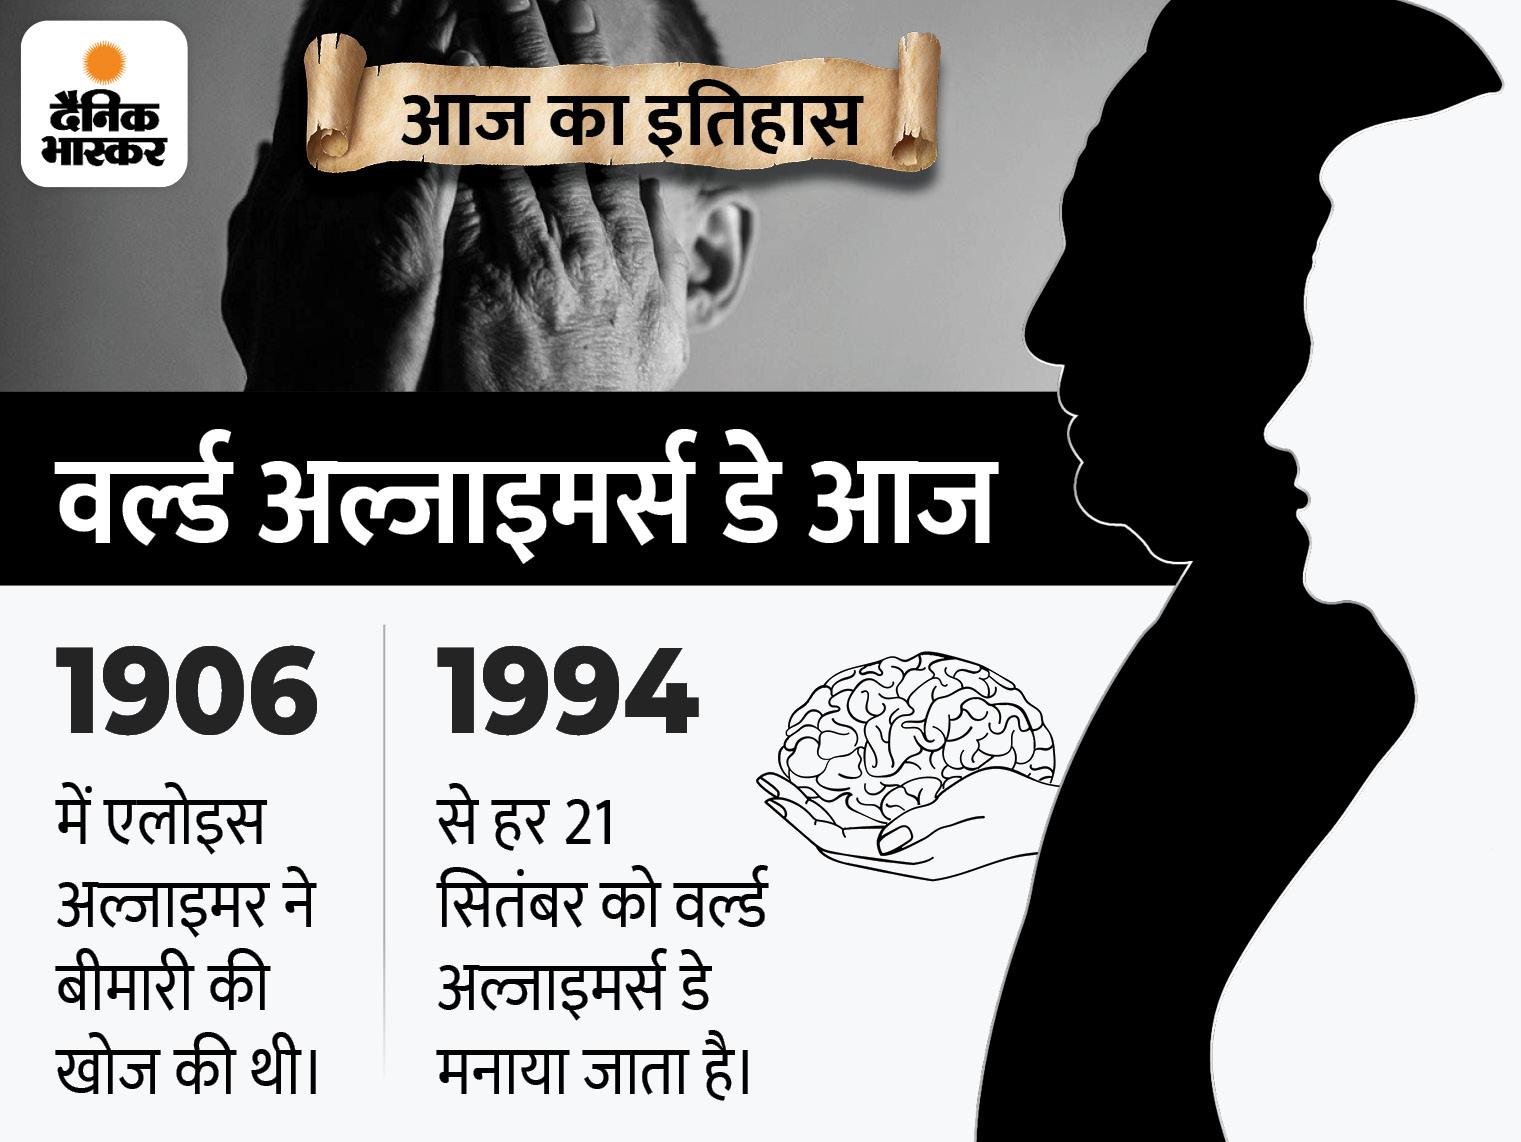 आज वर्ल्ड अल्जाइमर्स डे यानी बुजुर्गों के भूलने की बीमारी को लेकर जागरूकता बढ़ाने का दिन, भारत में 2 करोड़ से ज्यादा बुजुर्ग इस बीमारी के शिकार|देश,National - Dainik Bhaskar